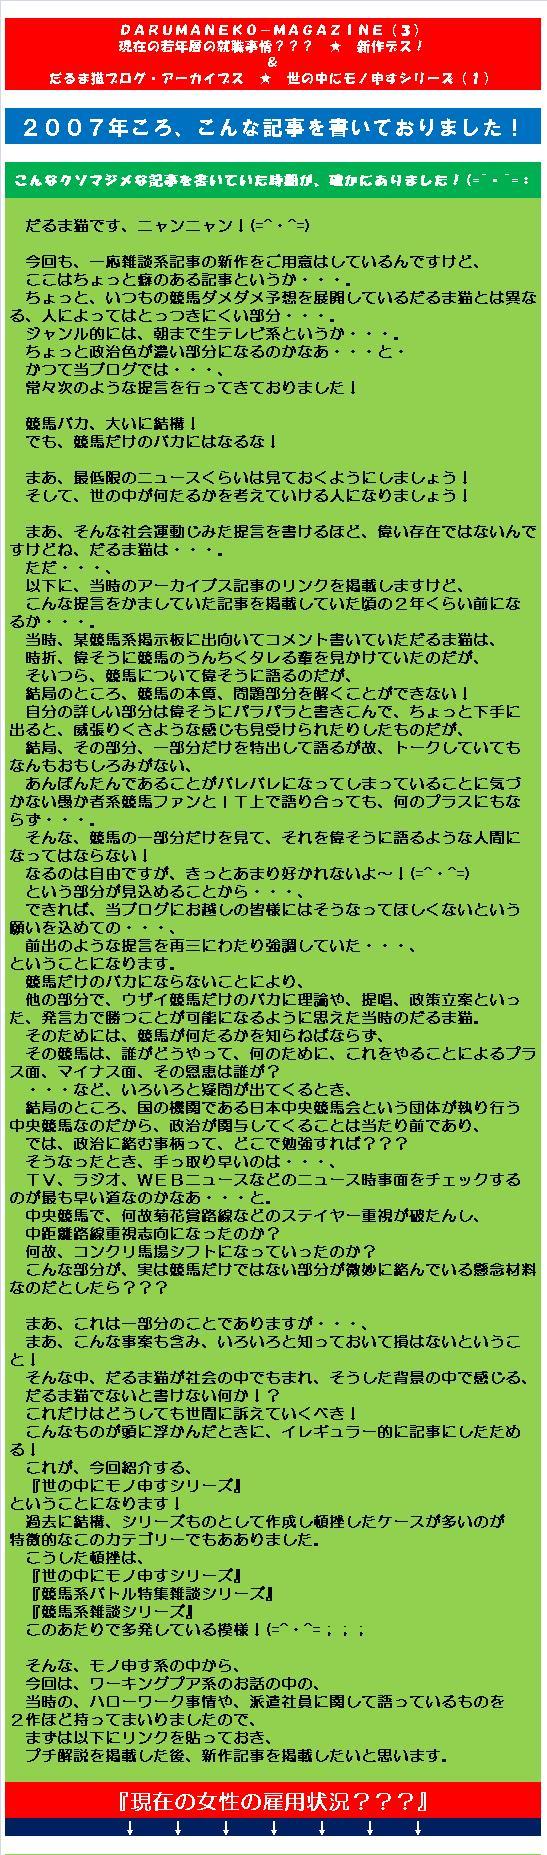 20141016・ブログ記事①.jpg